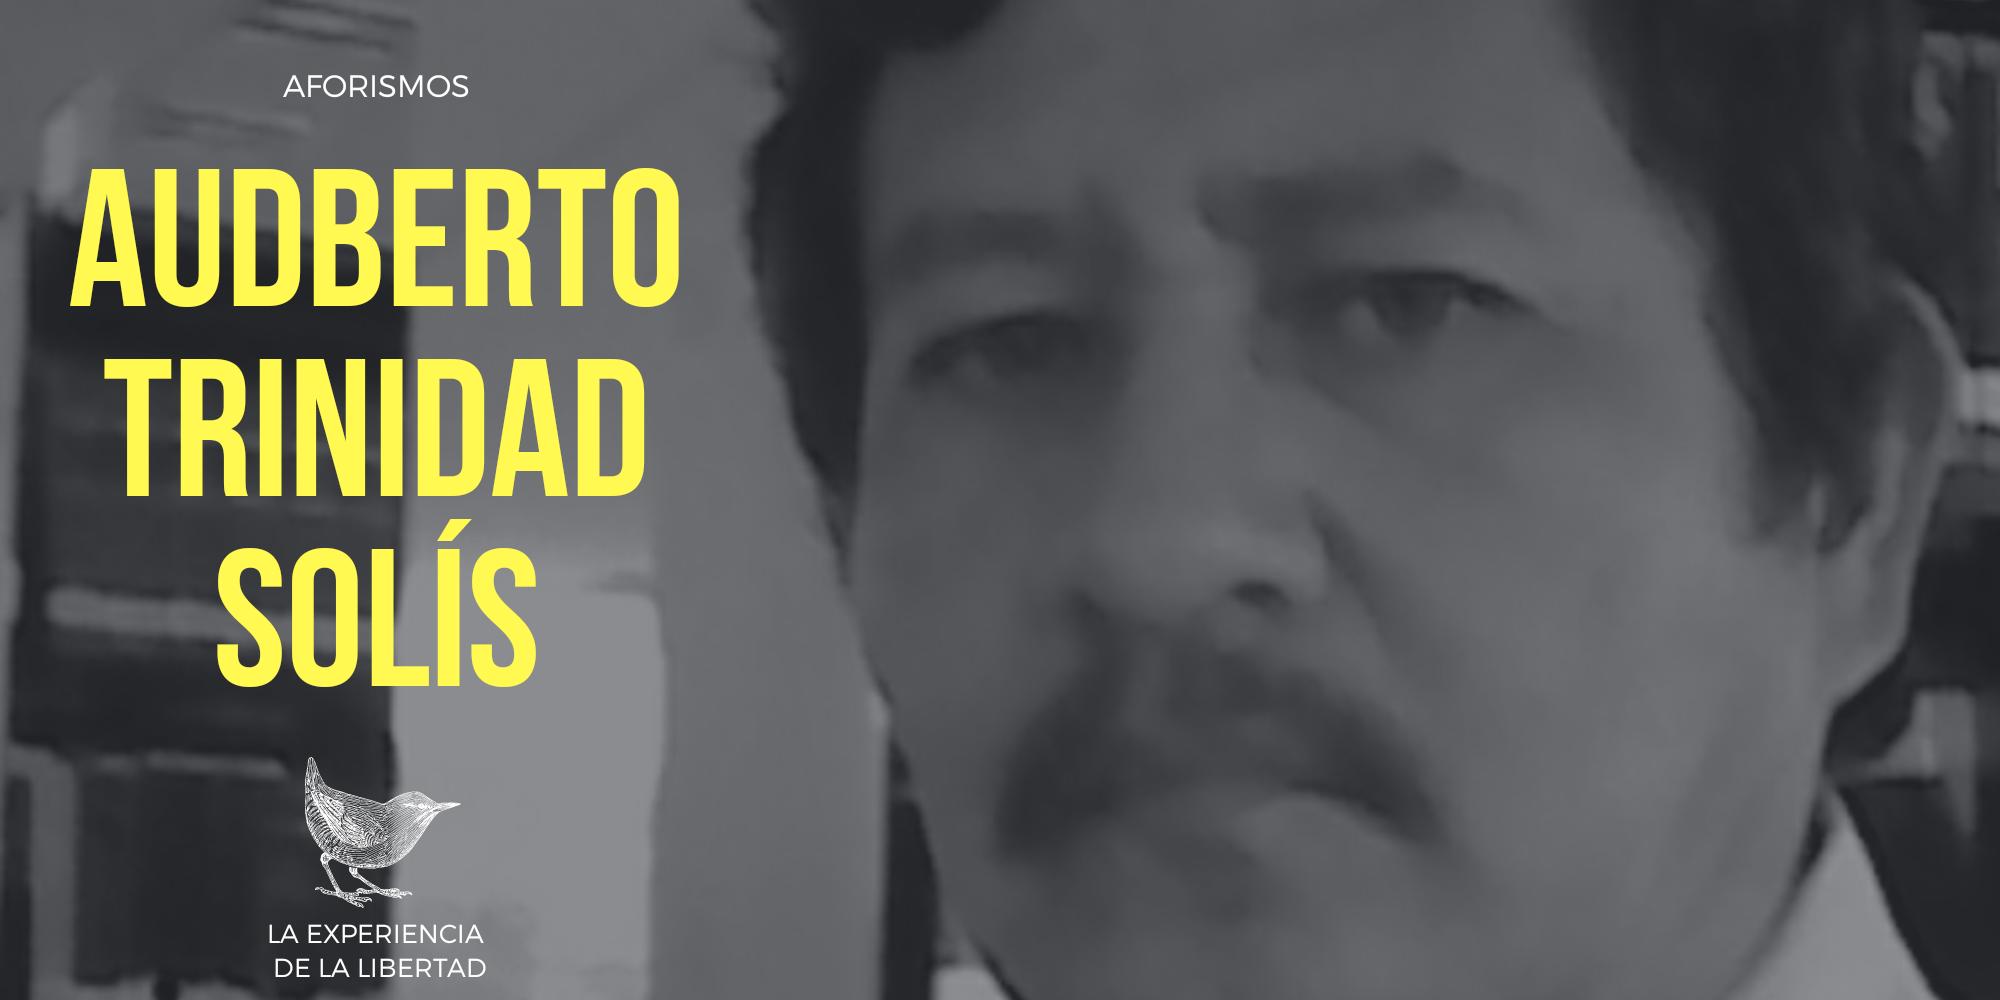 Audberto Trinidad Solís | Aforismos